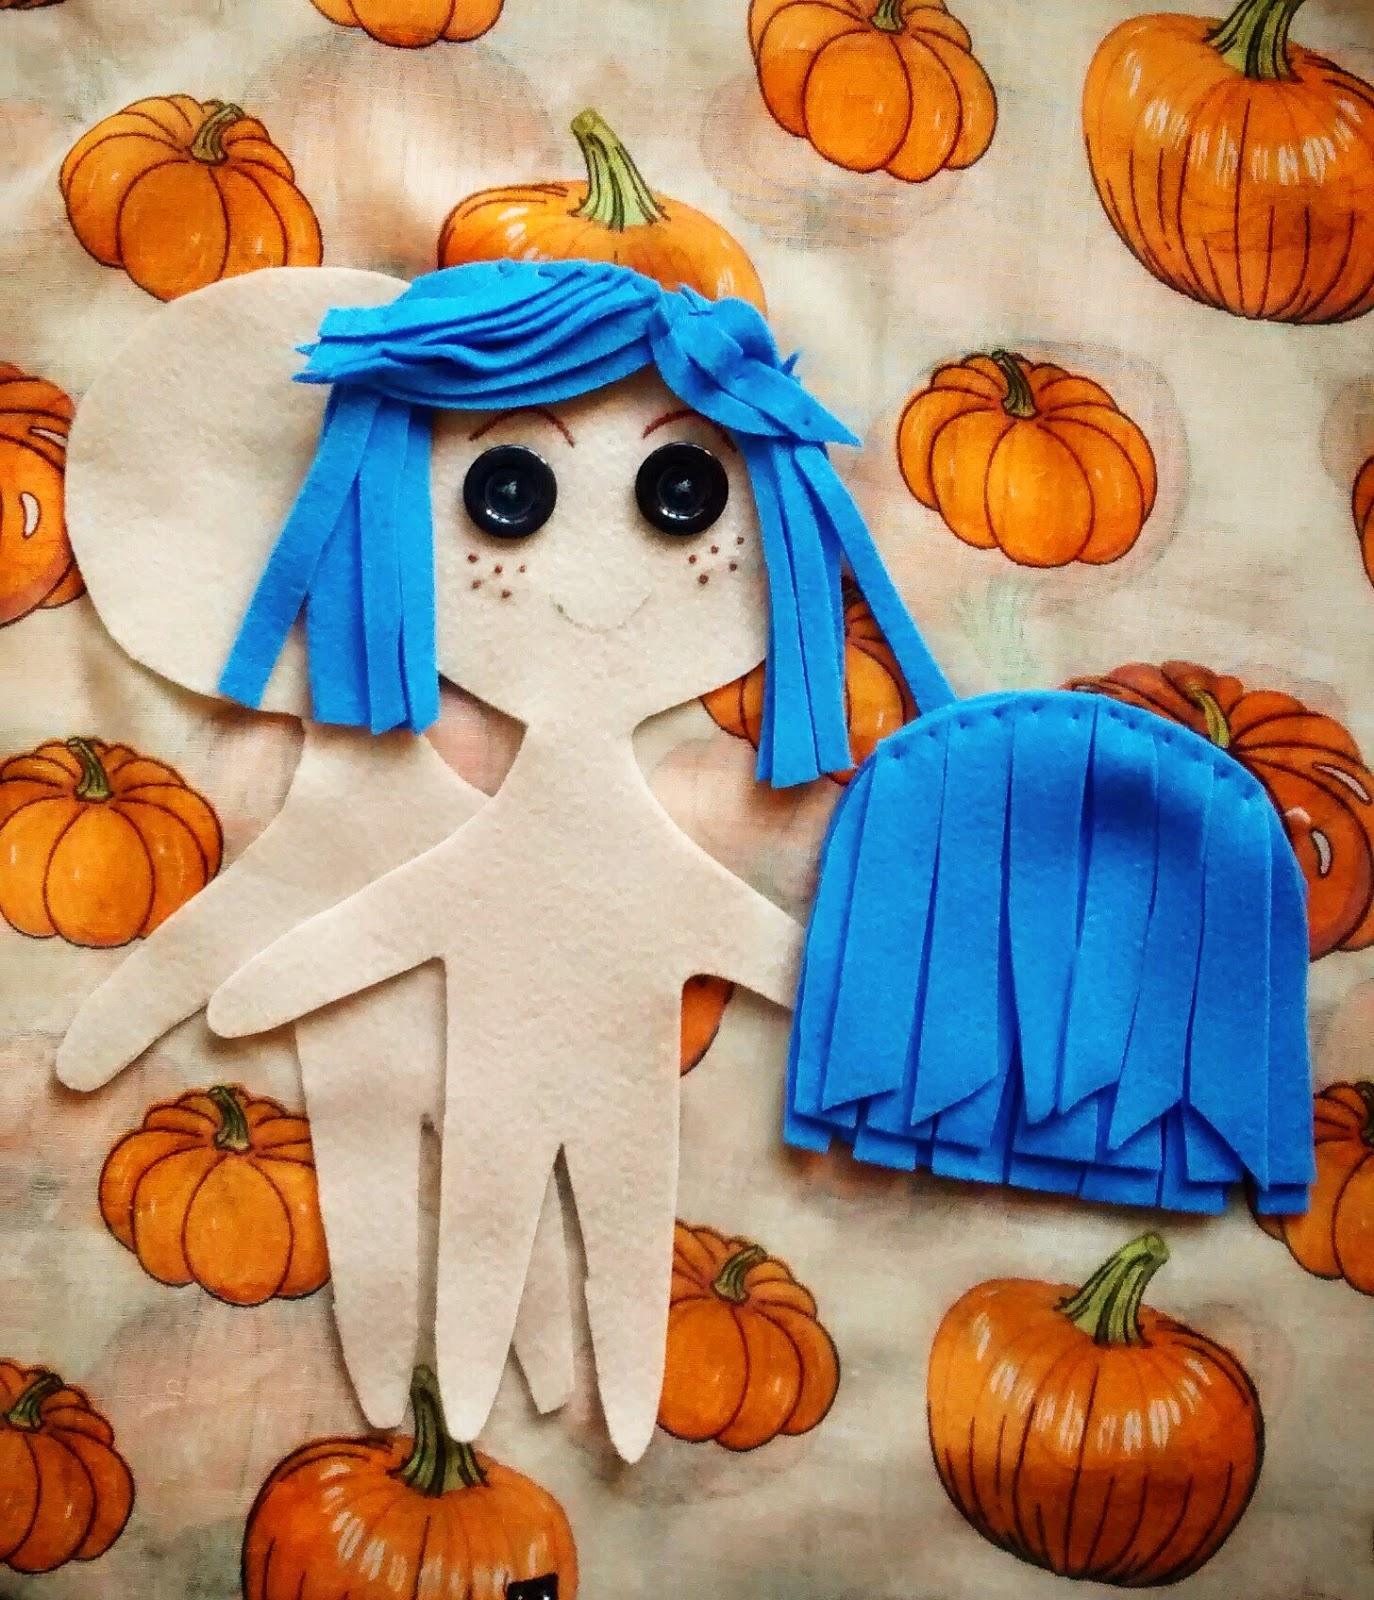 Megans Mega Blog Craft Project Idea Coraline Doll